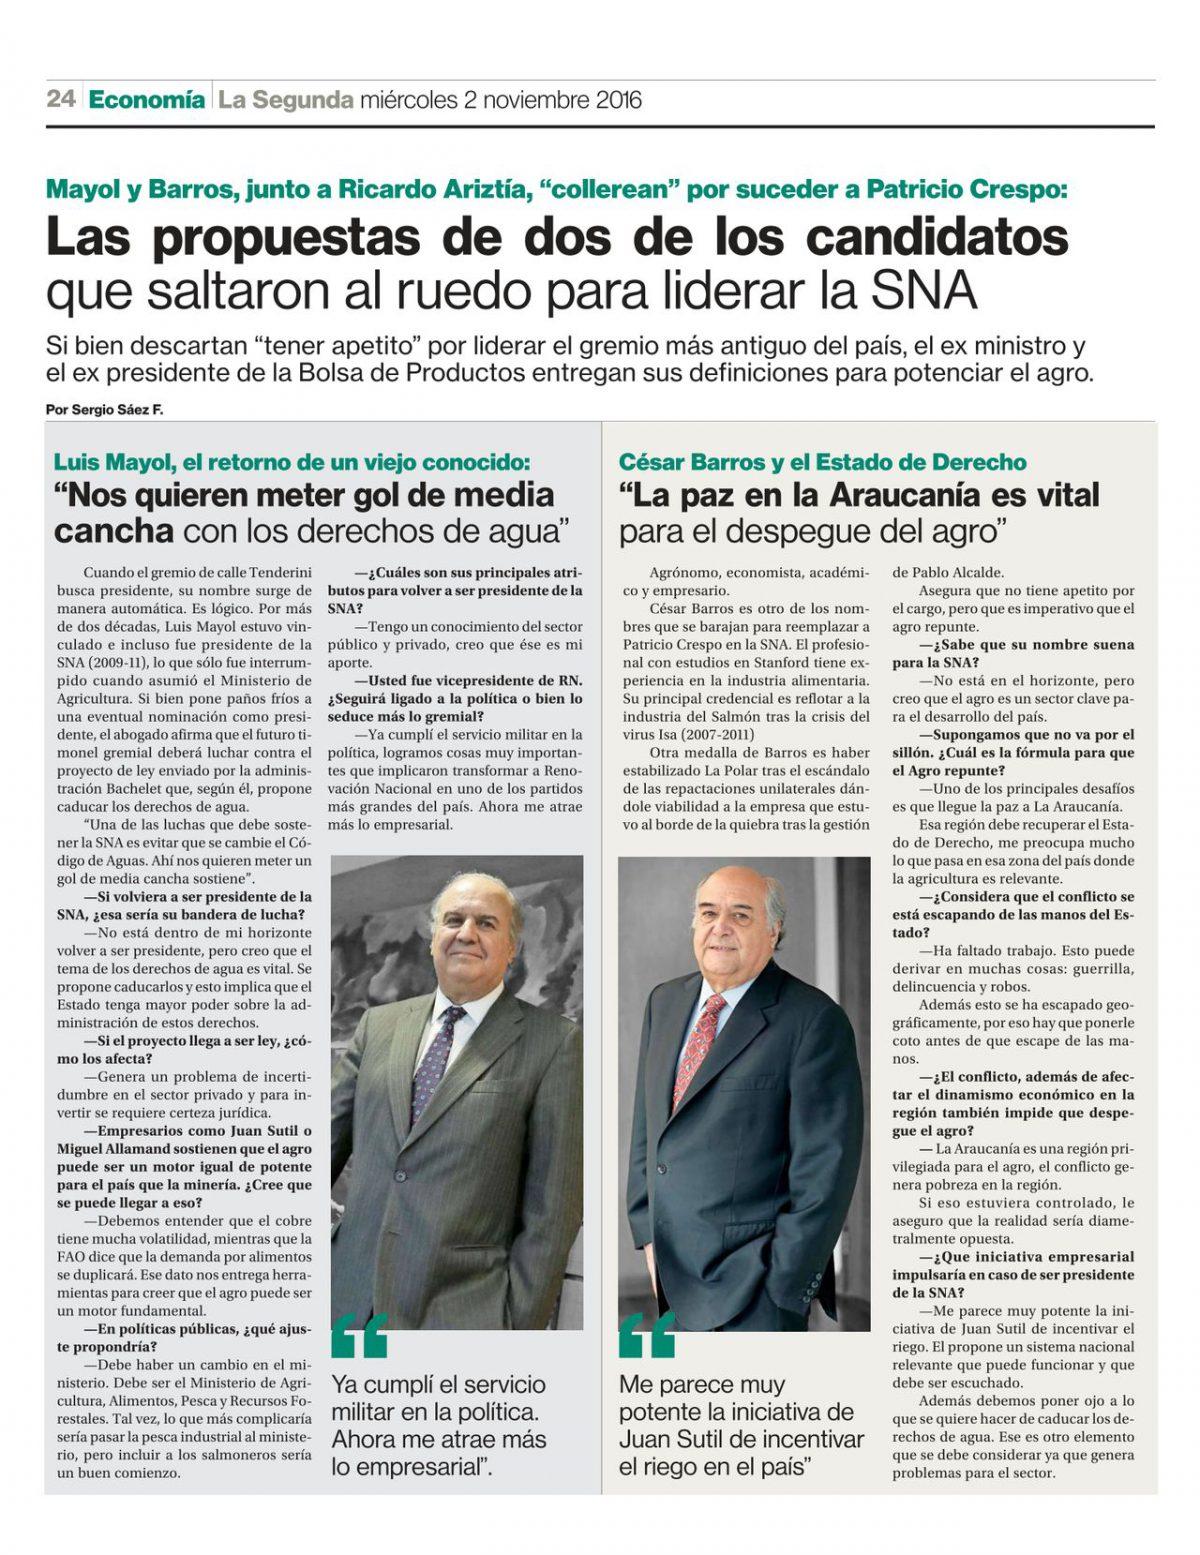 Las propuestas de dos de los candidatos que saltaron al ruedo para liderar la SNA